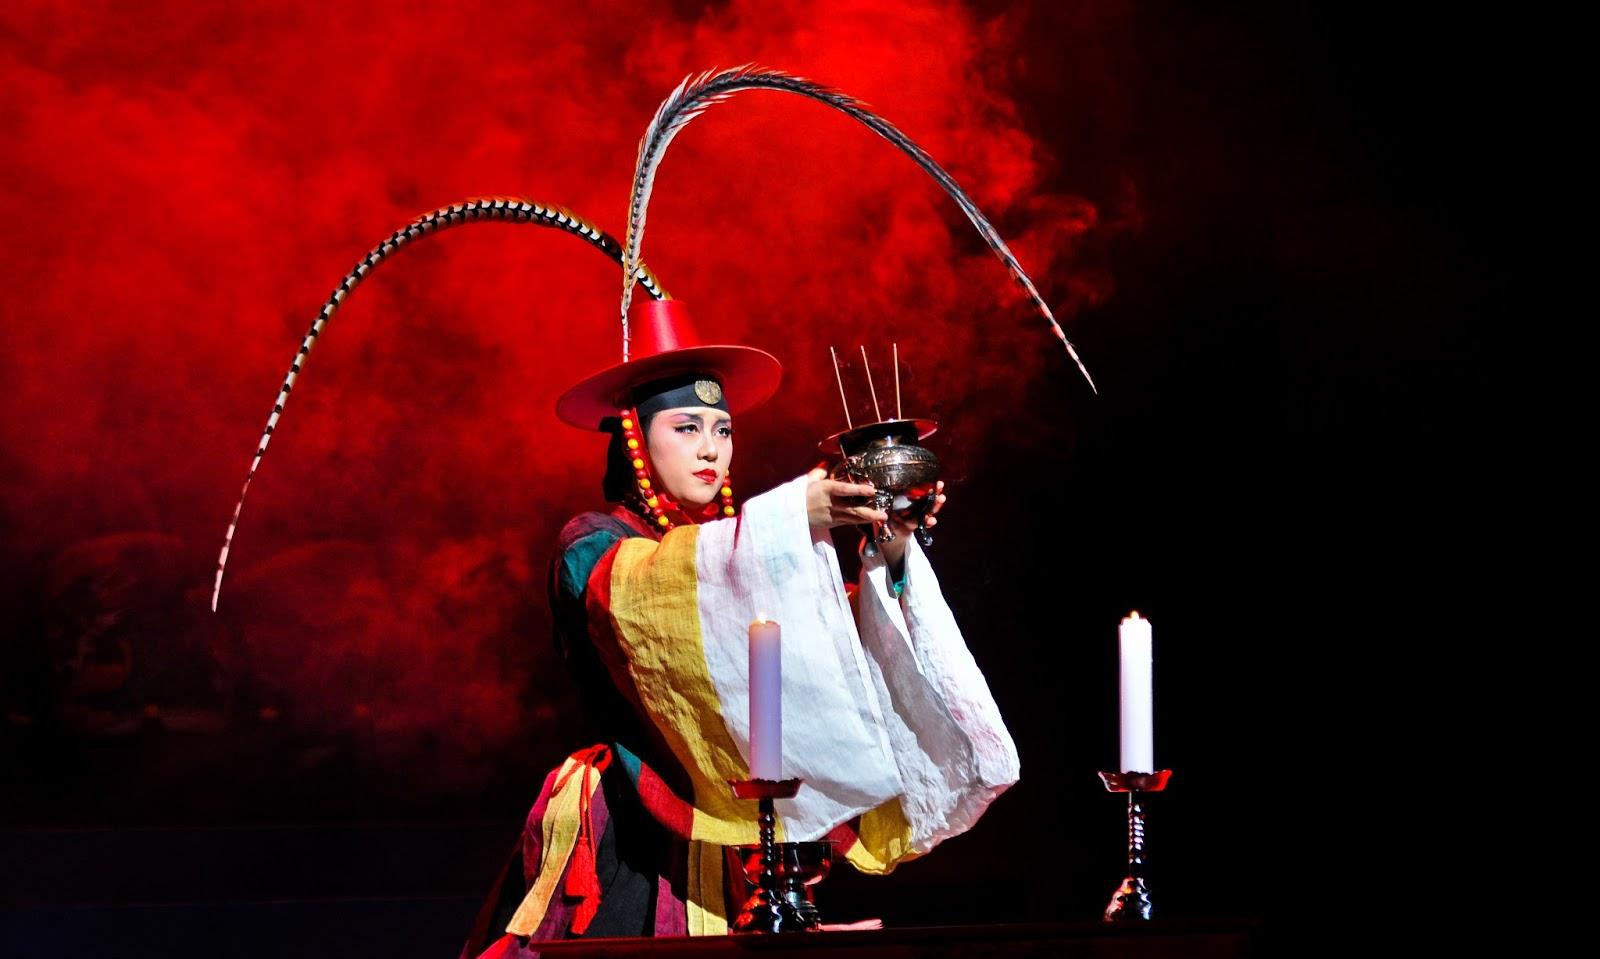 Dançarina representa xamã em espetáculo na Coreia do Sul, vizinha à China